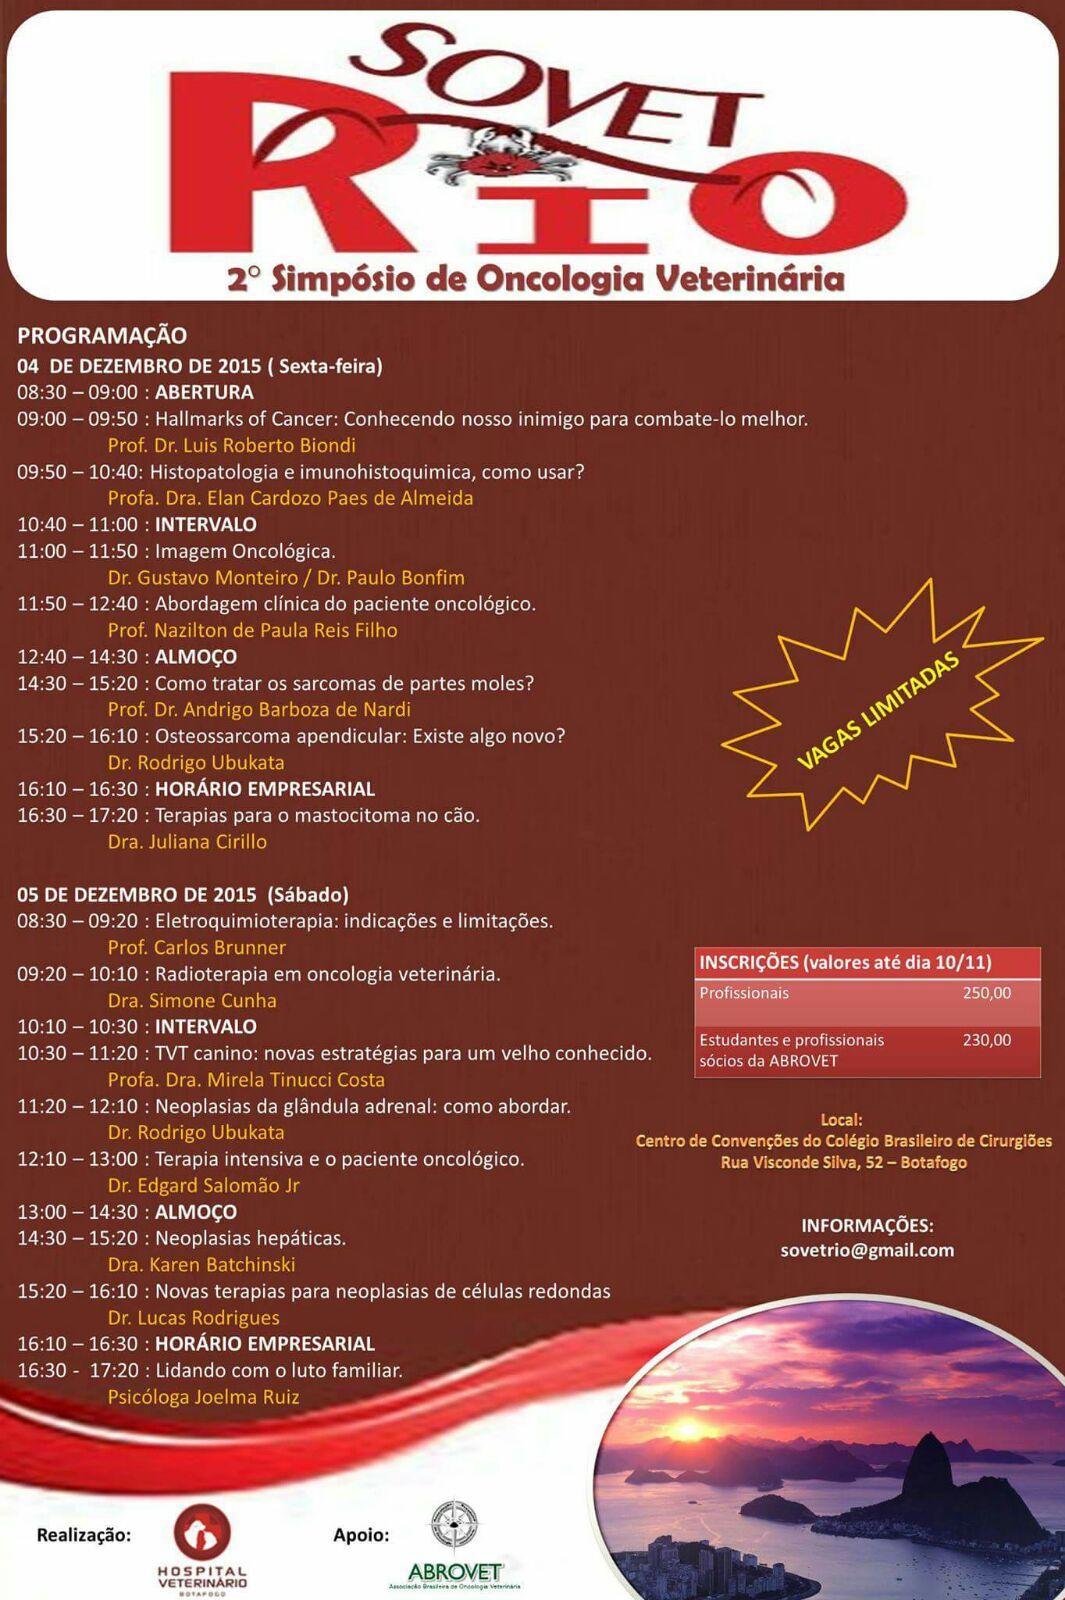 Simposio-Oncologia-4e5dez